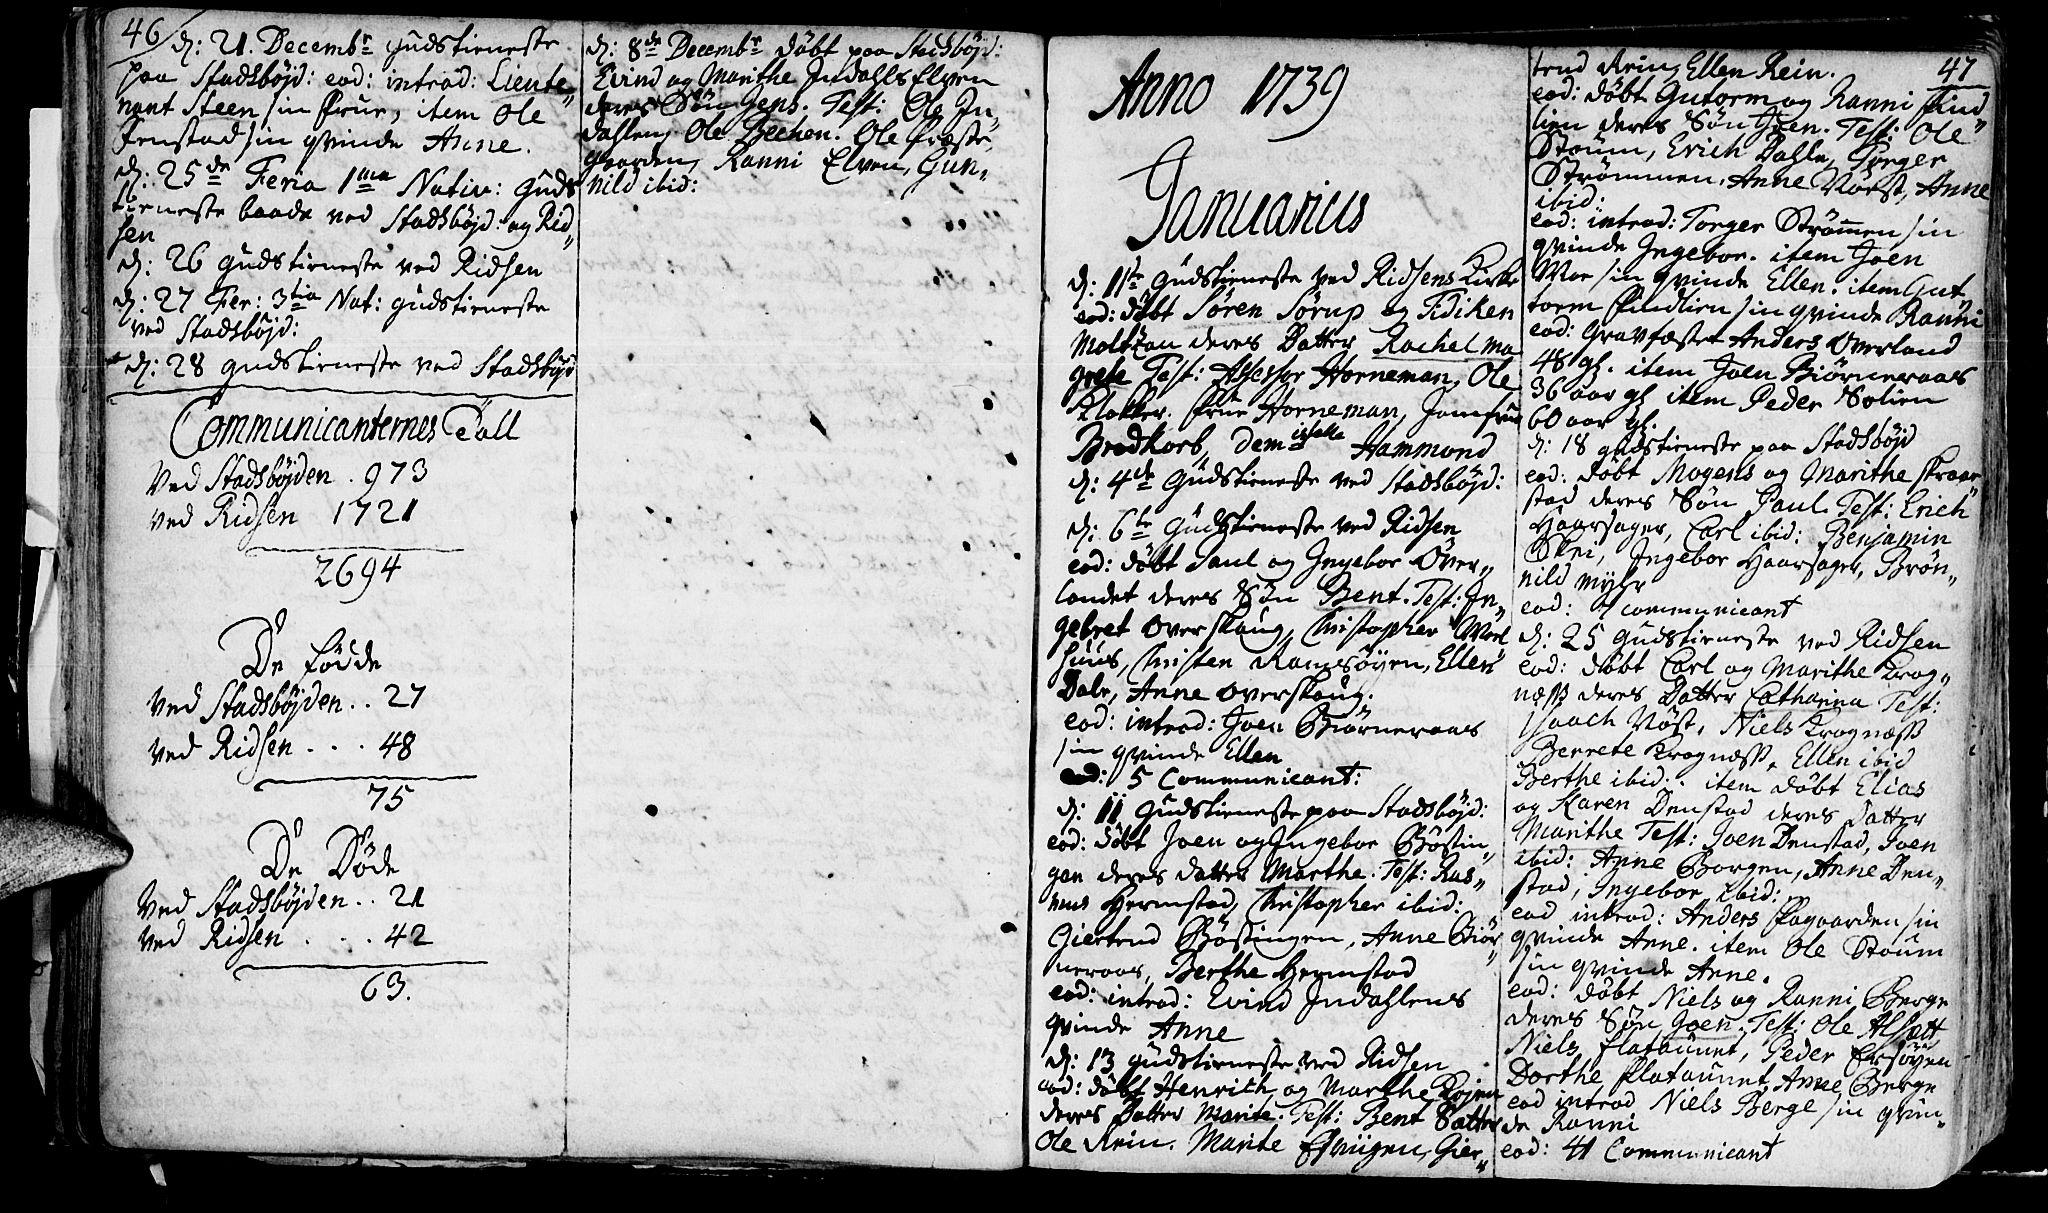 SAT, Ministerialprotokoller, klokkerbøker og fødselsregistre - Sør-Trøndelag, 646/L0604: Ministerialbok nr. 646A02, 1735-1750, s. 46-47